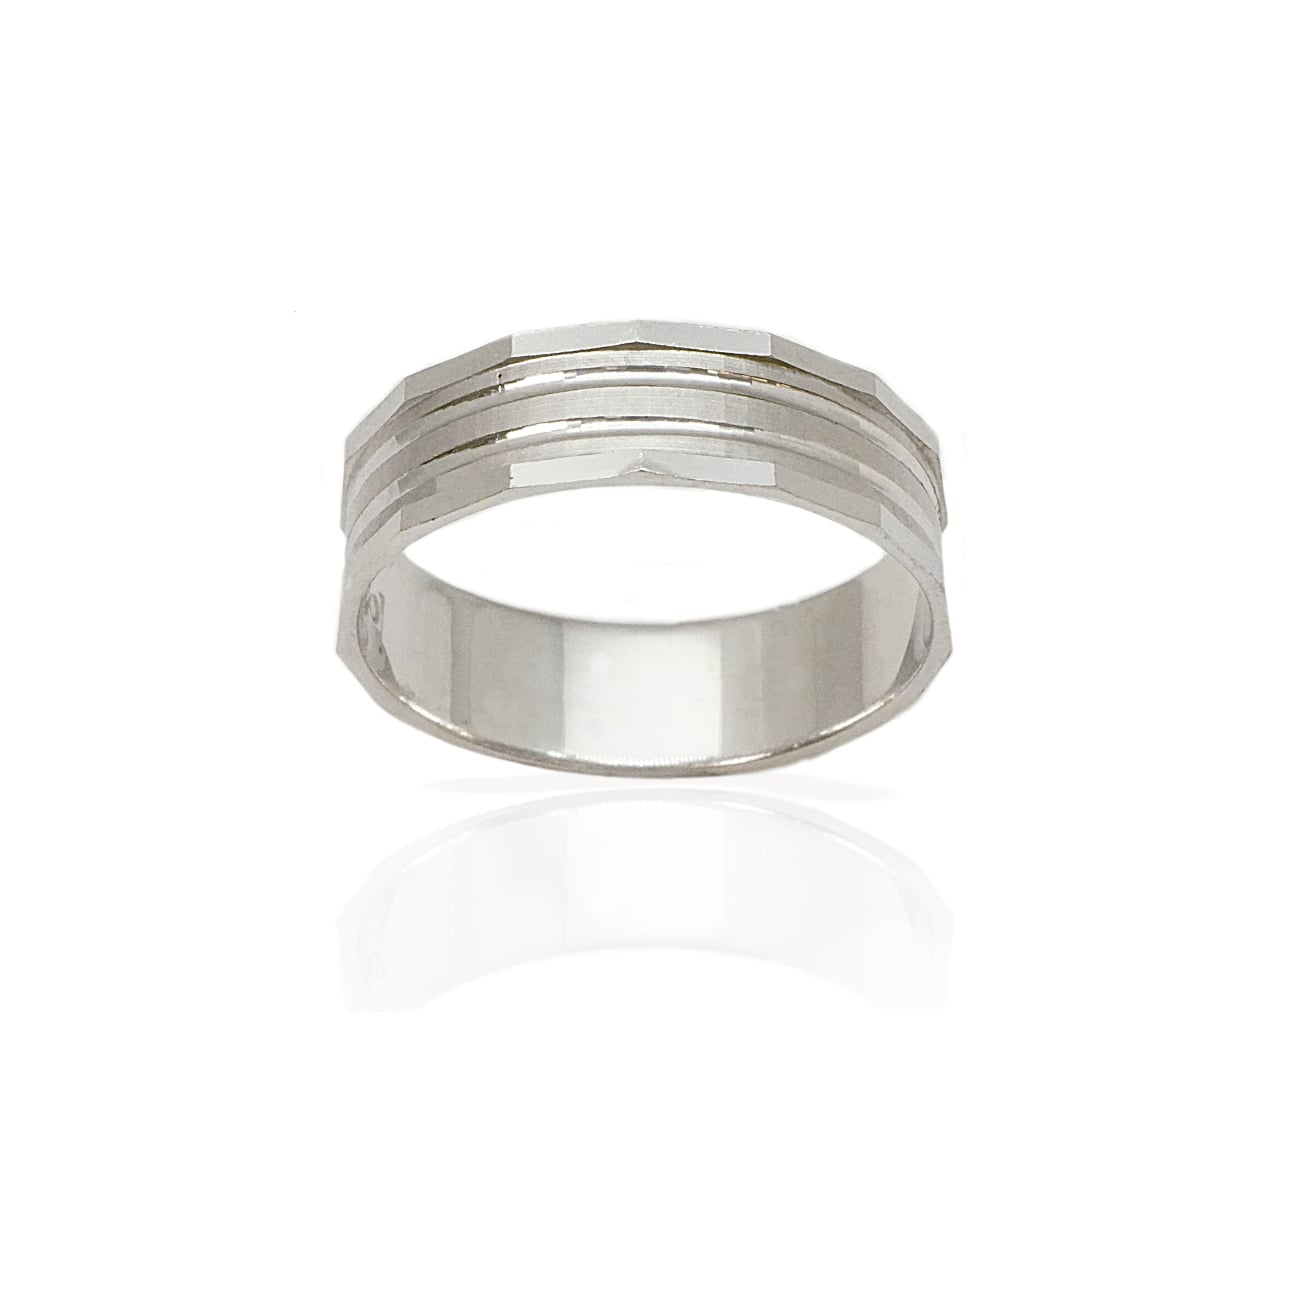 טבעת נישואין בשילובי טקסטורות מאט מוטות ופסים מבריקים- דגם M157